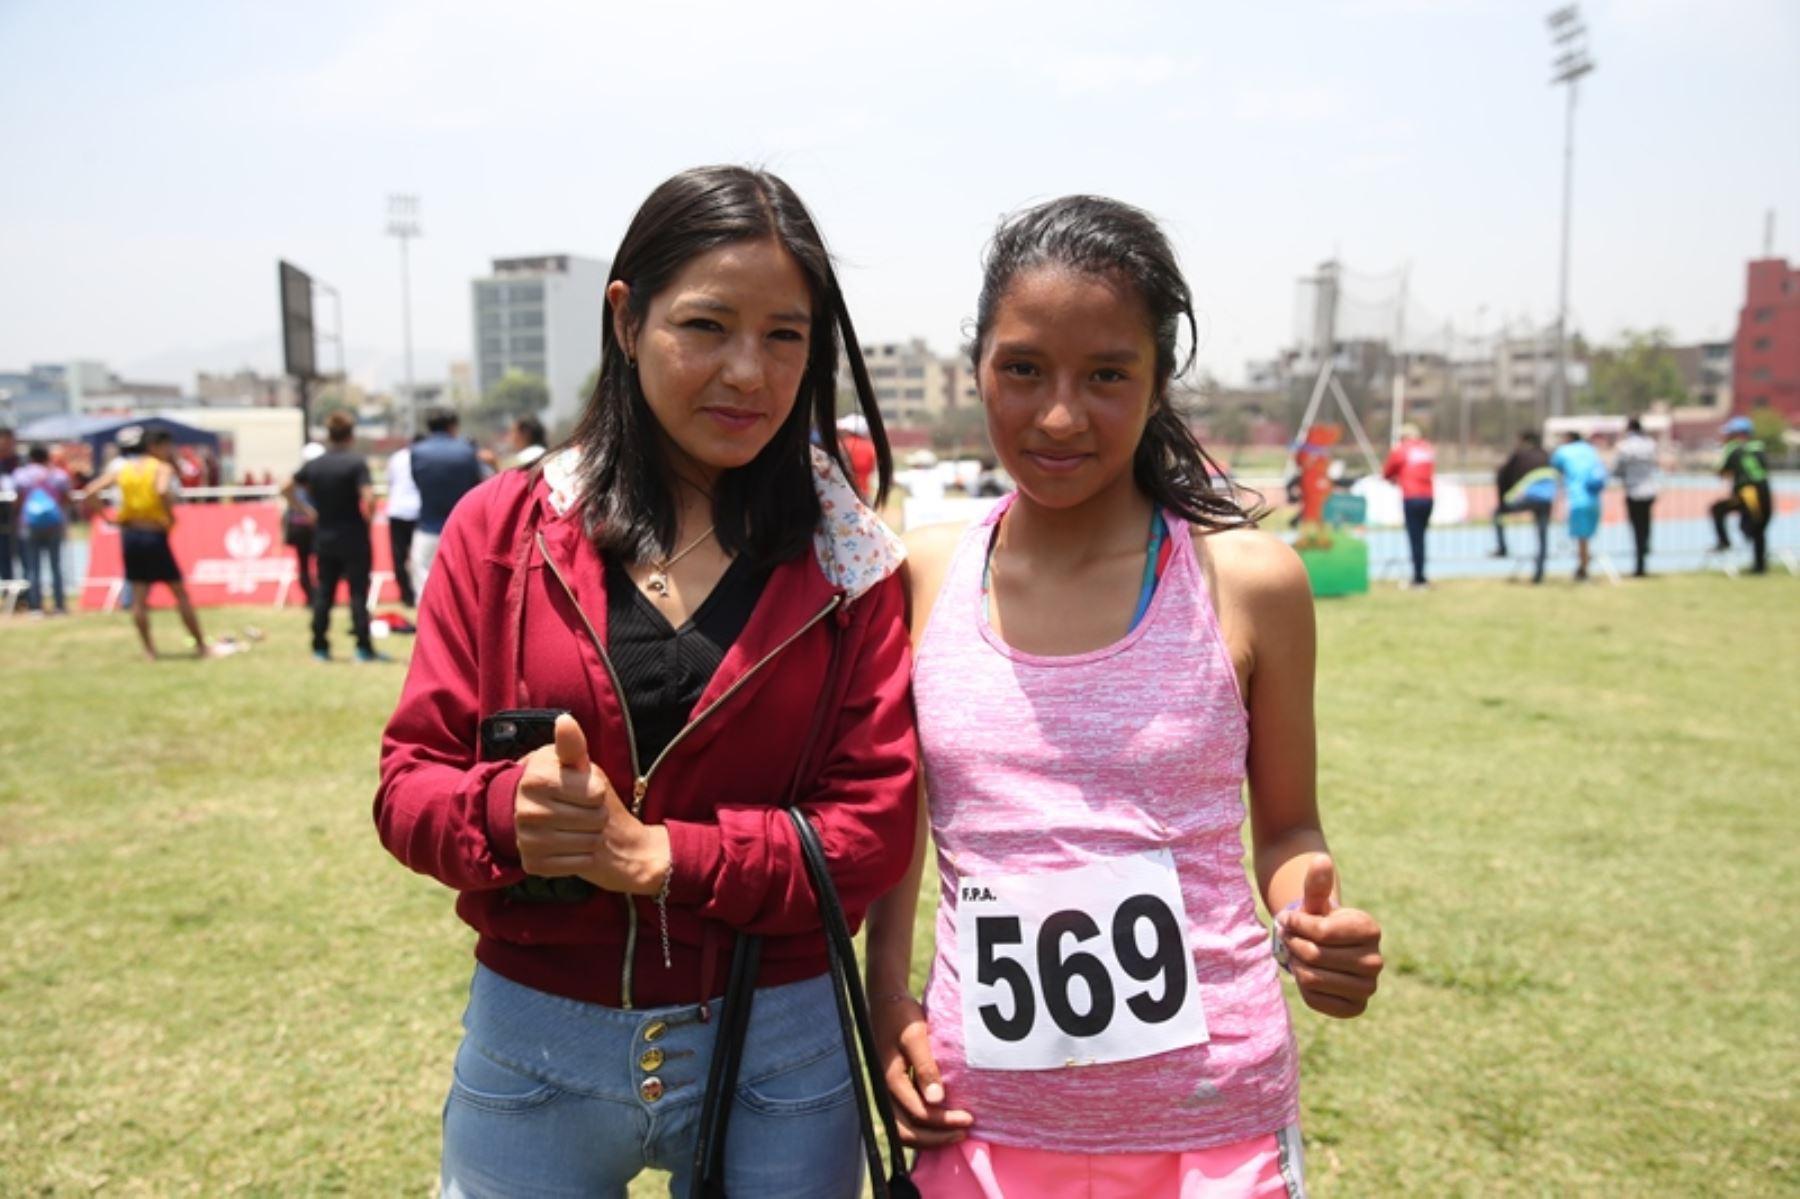 Inés Melchor motiva a los escolares a seguir en la brega por engrandecer el deporte nacional